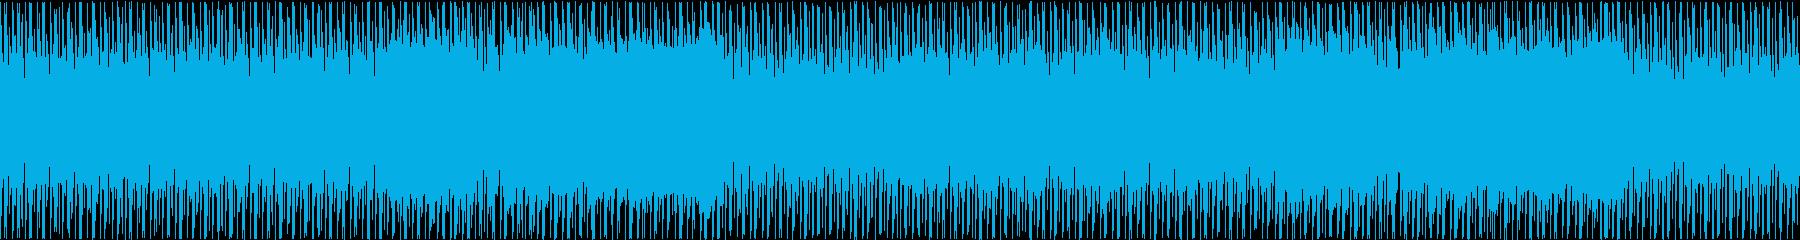 アラビア風インスト音楽。の再生済みの波形